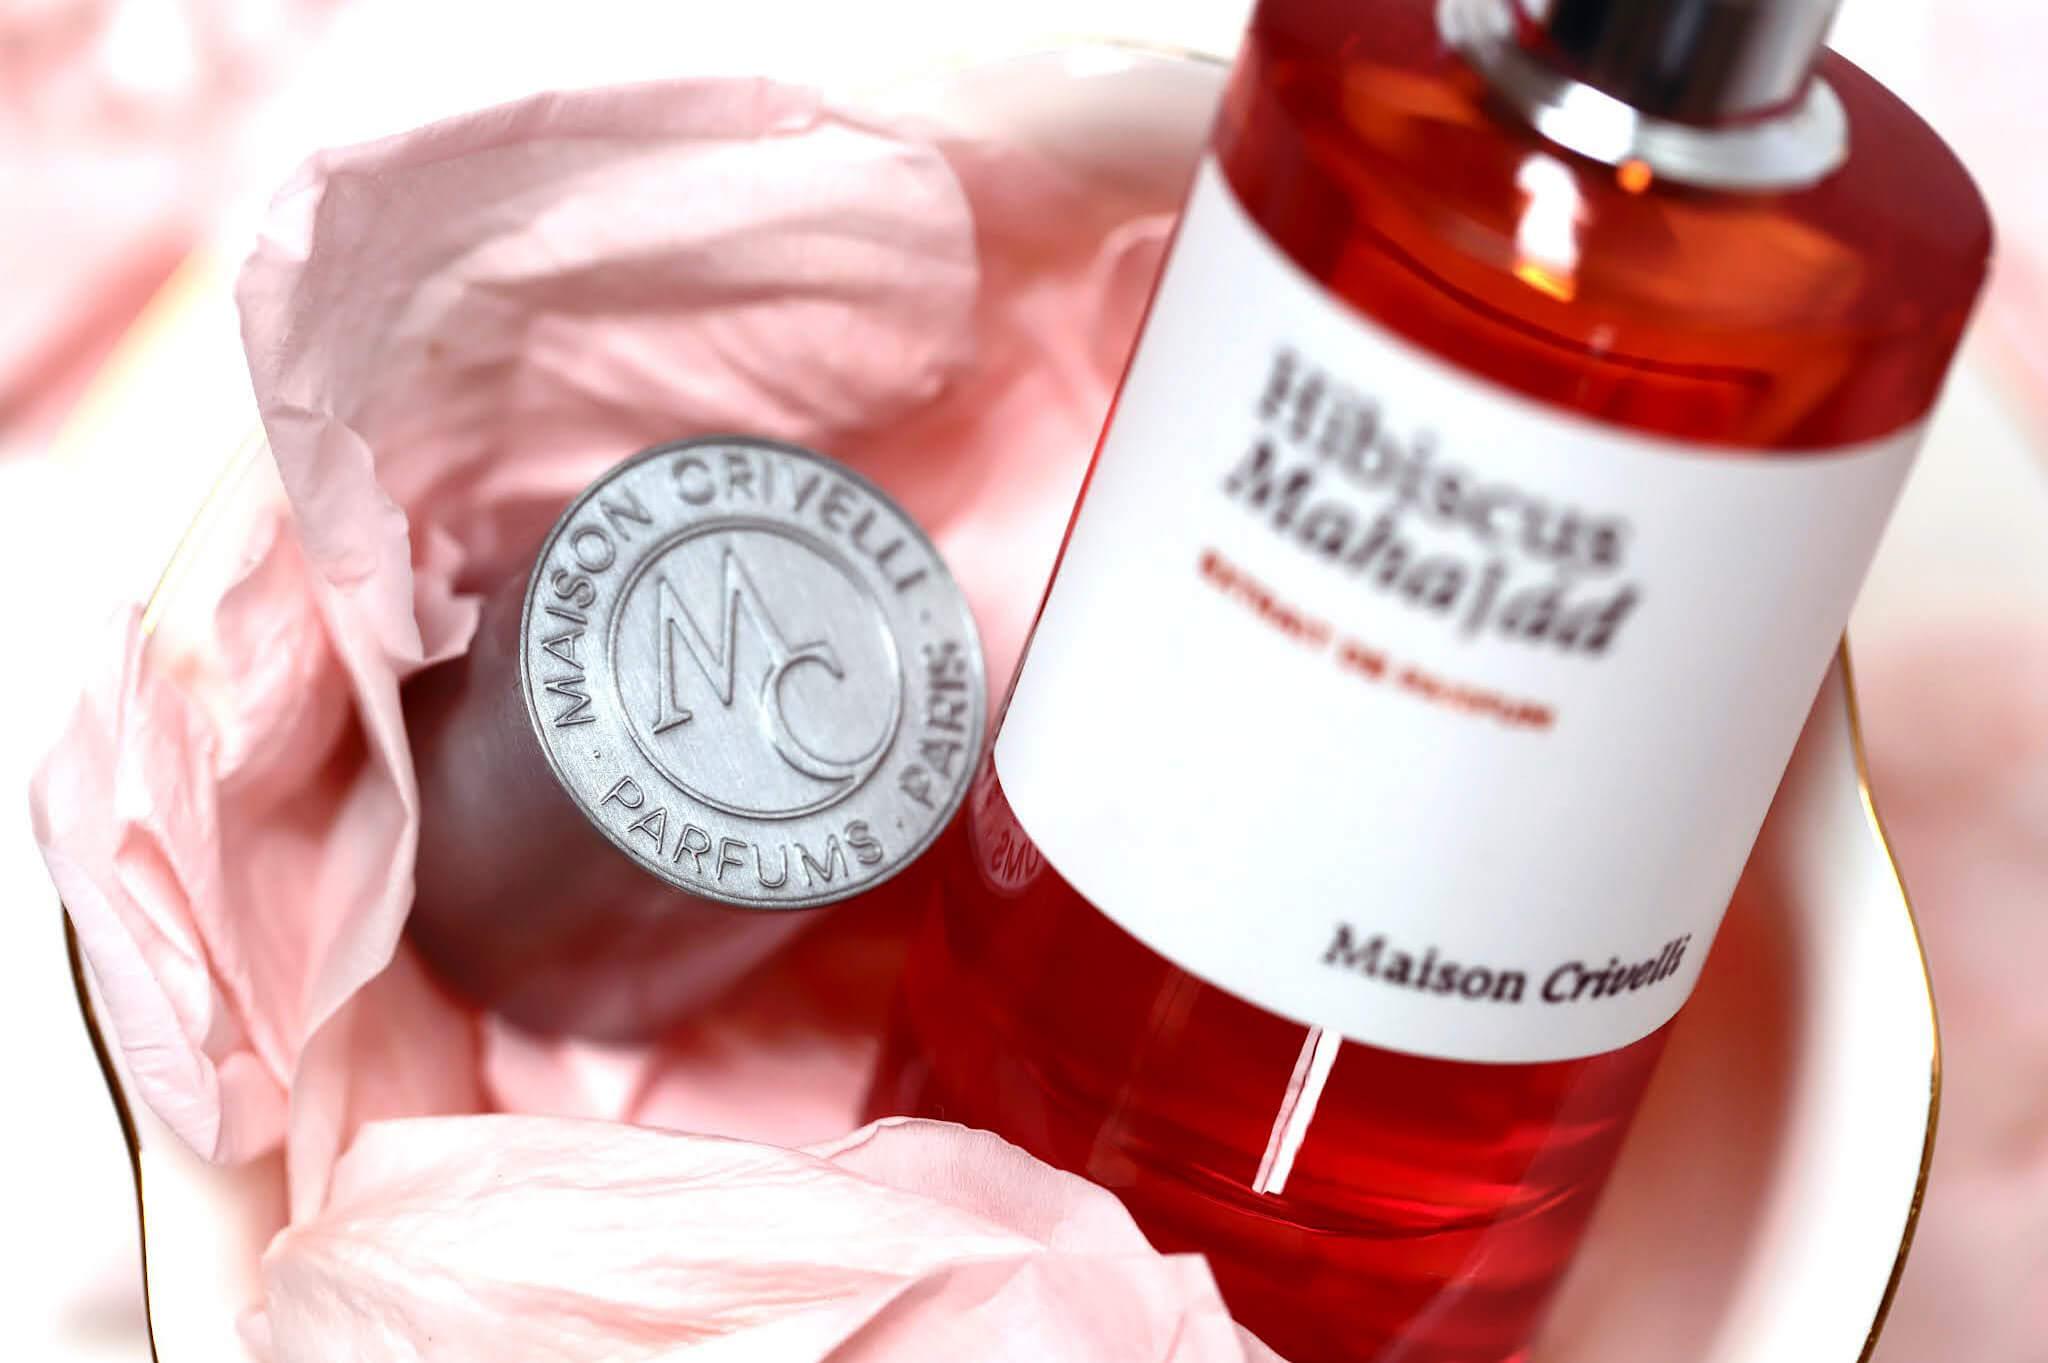 Maison Crivelli Hibiscus Mahajad extrait de parfum